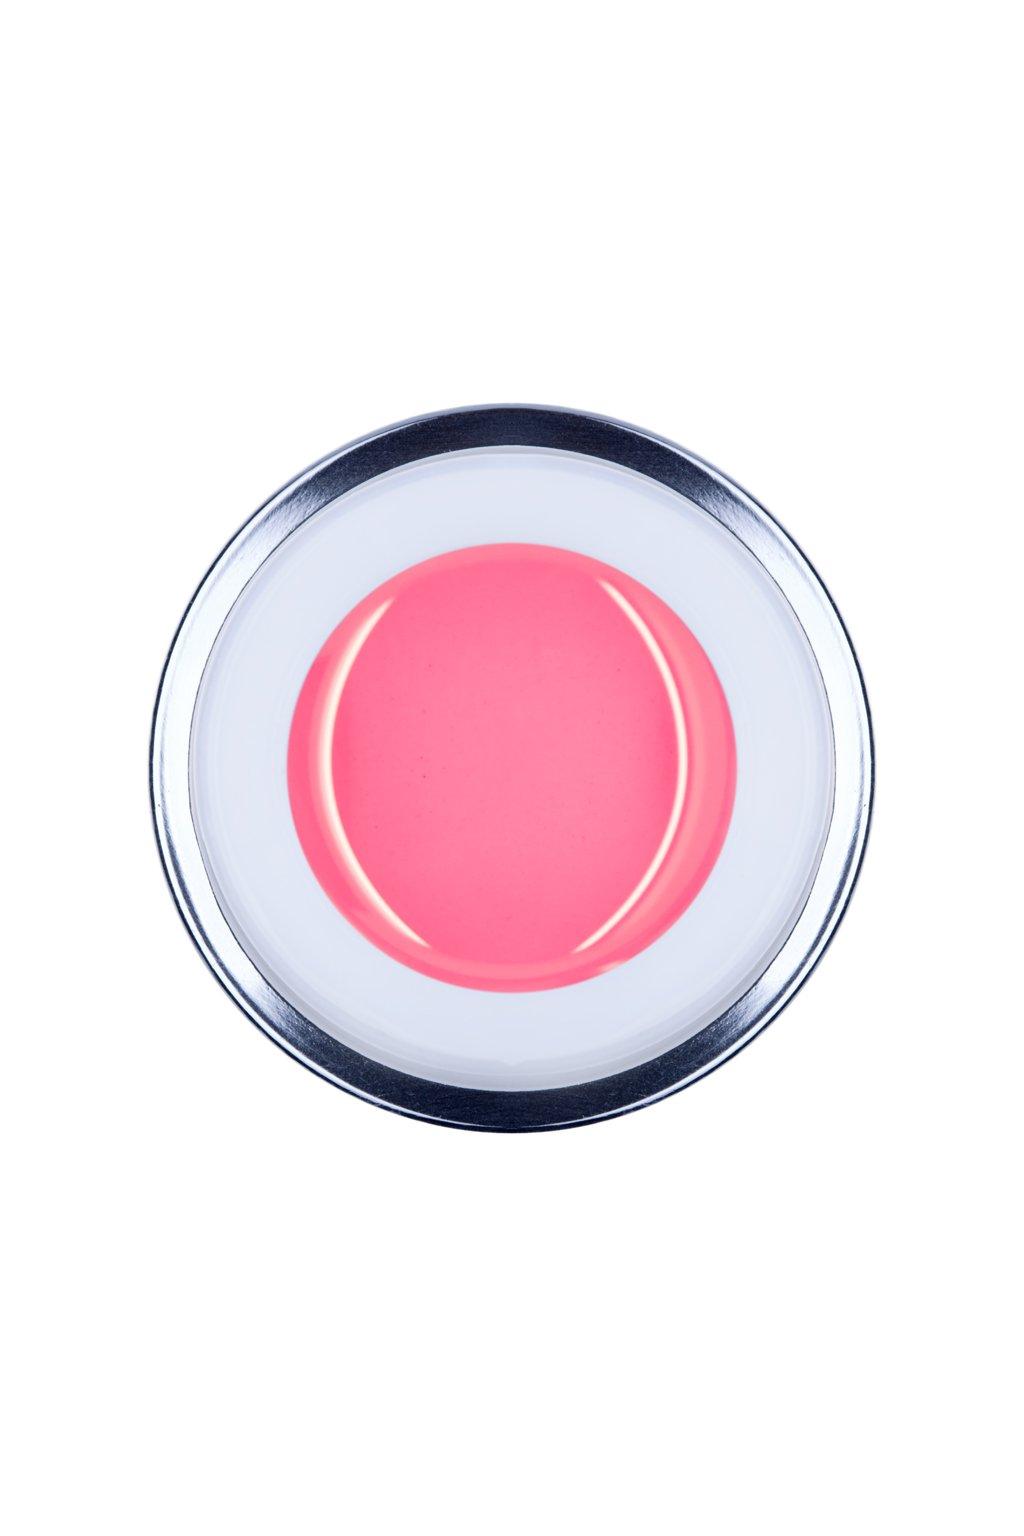 24749 pinkissimo